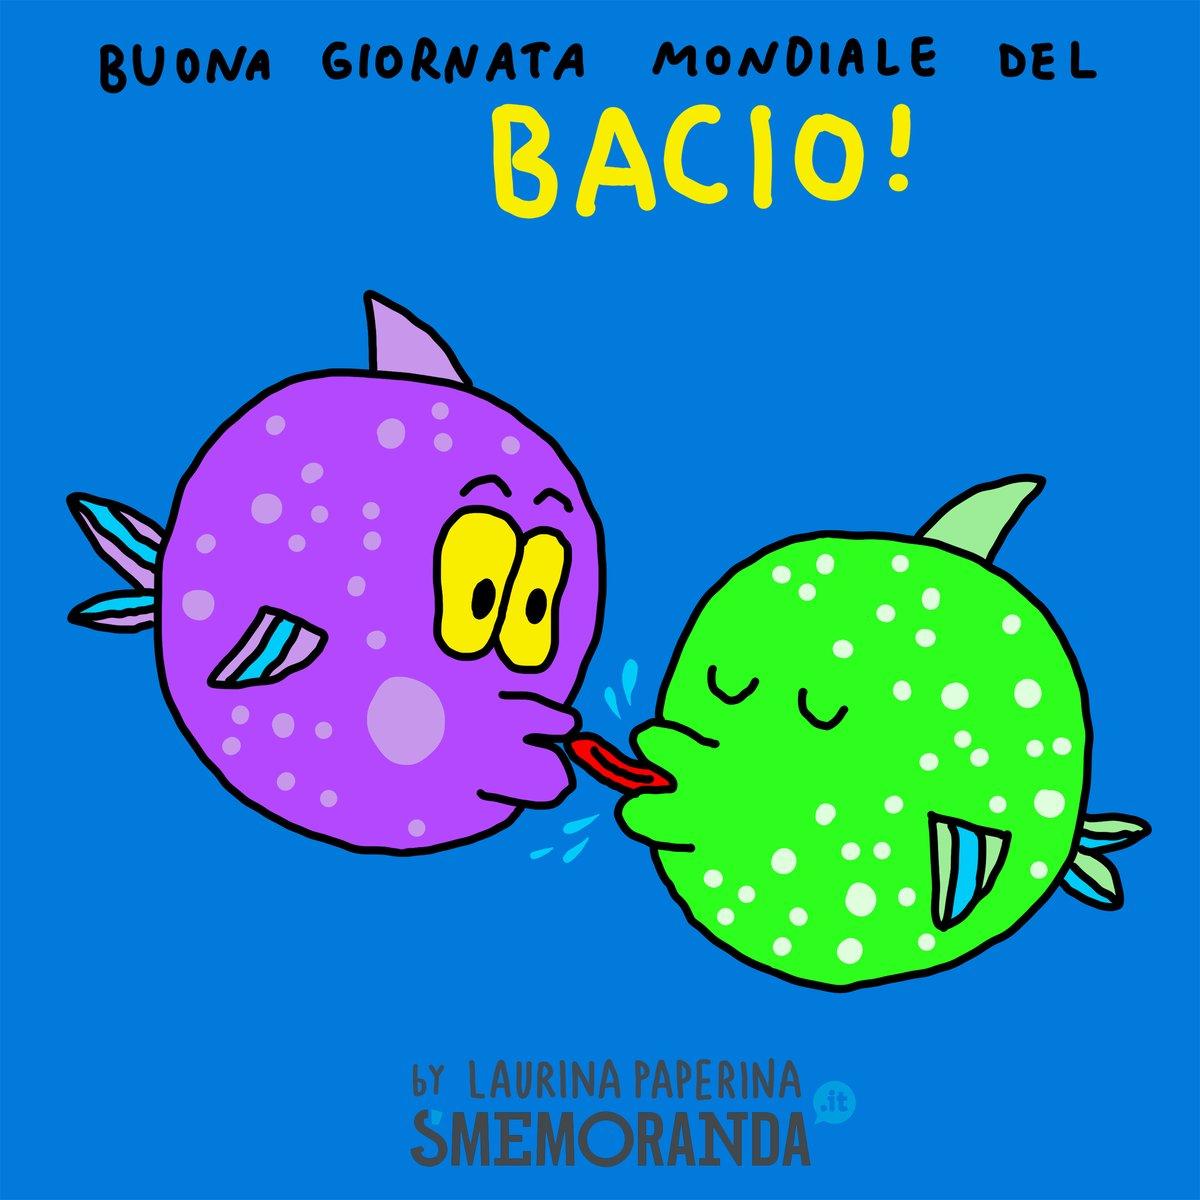 #bacio